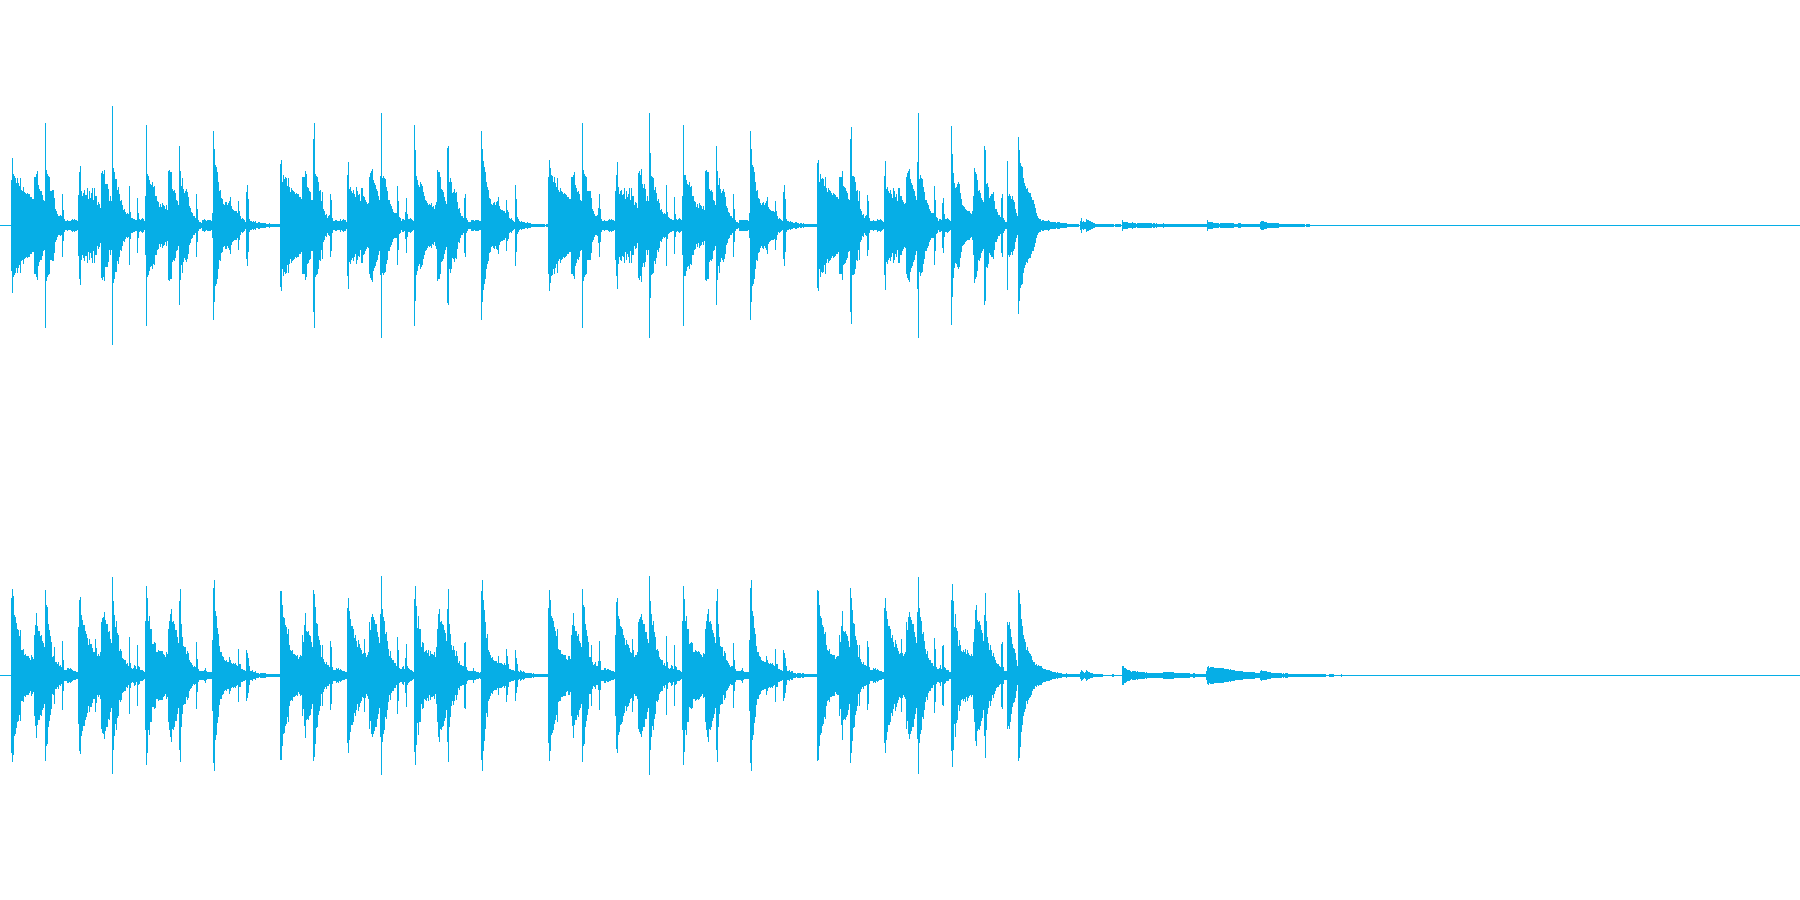 かわいい軽やかなピアノジングルの再生済みの波形